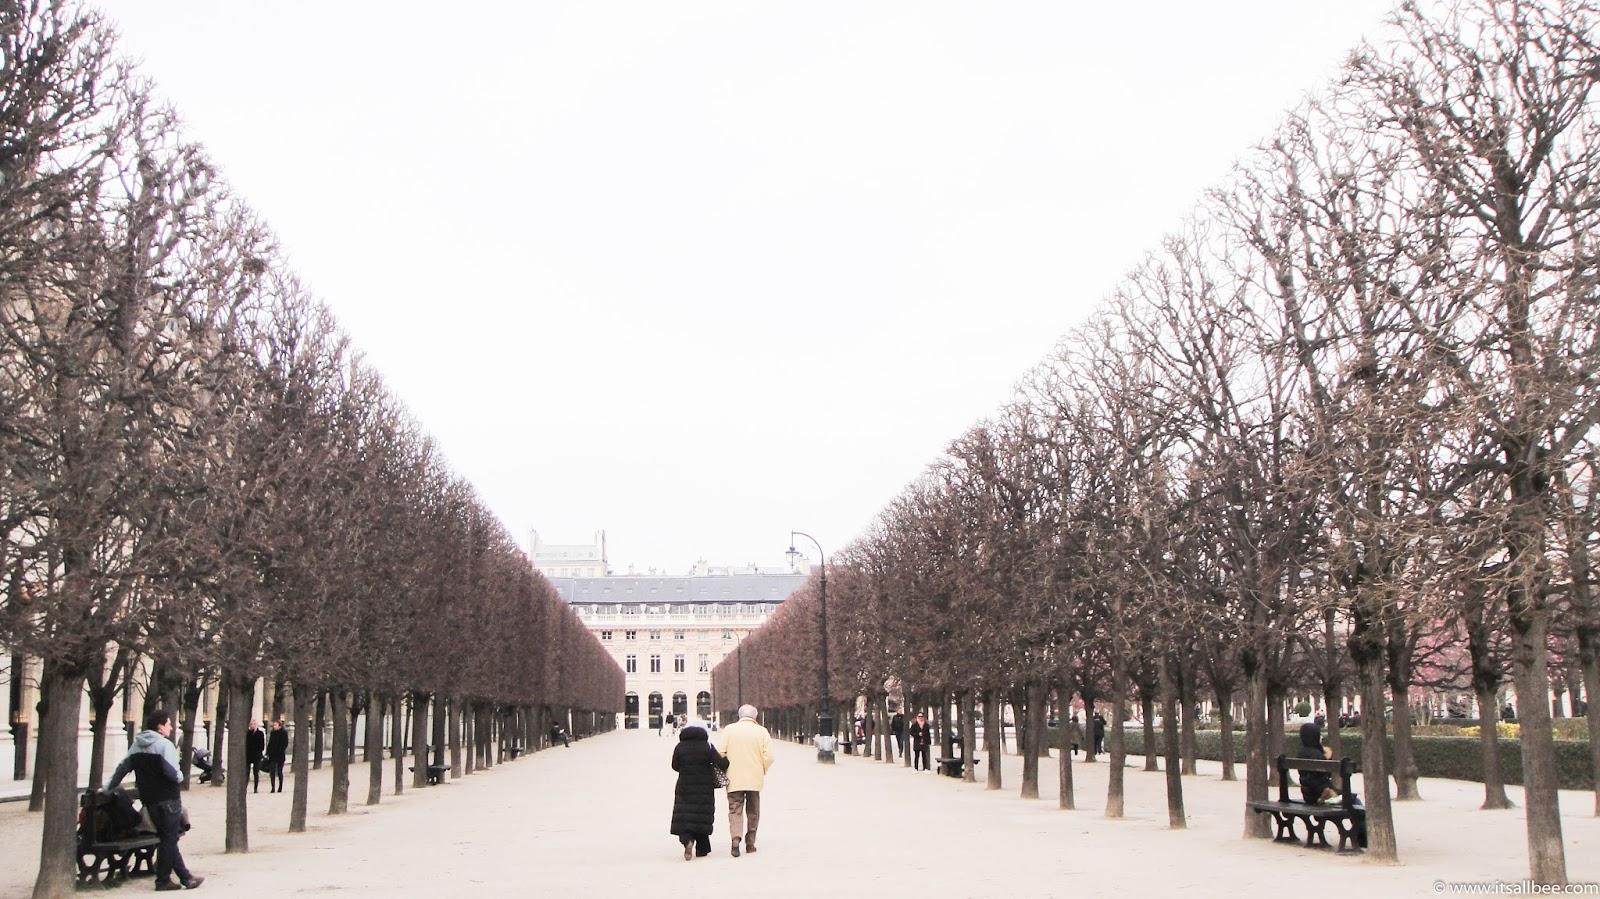 Palais Royal Trees - Palais-Royal Paris - Les Colonnes De Duren - colonnes de buren signification